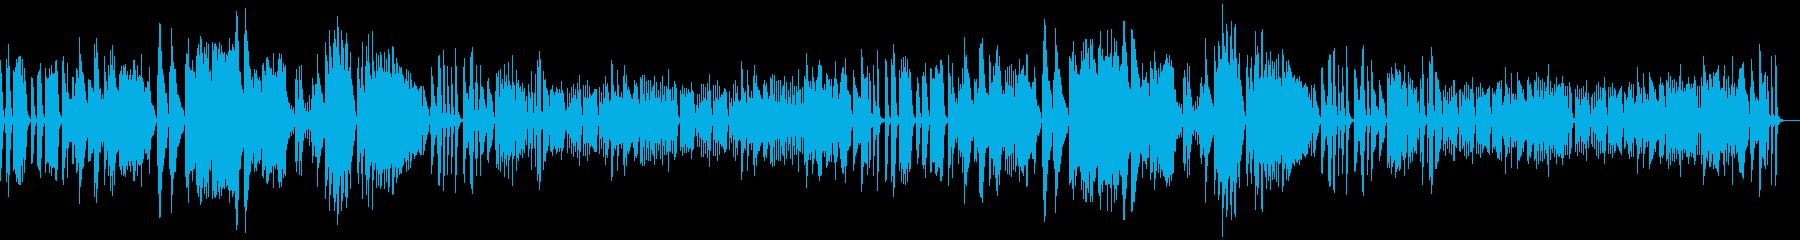 アイネクライネ 軽快で繊細なピアノrepの再生済みの波形